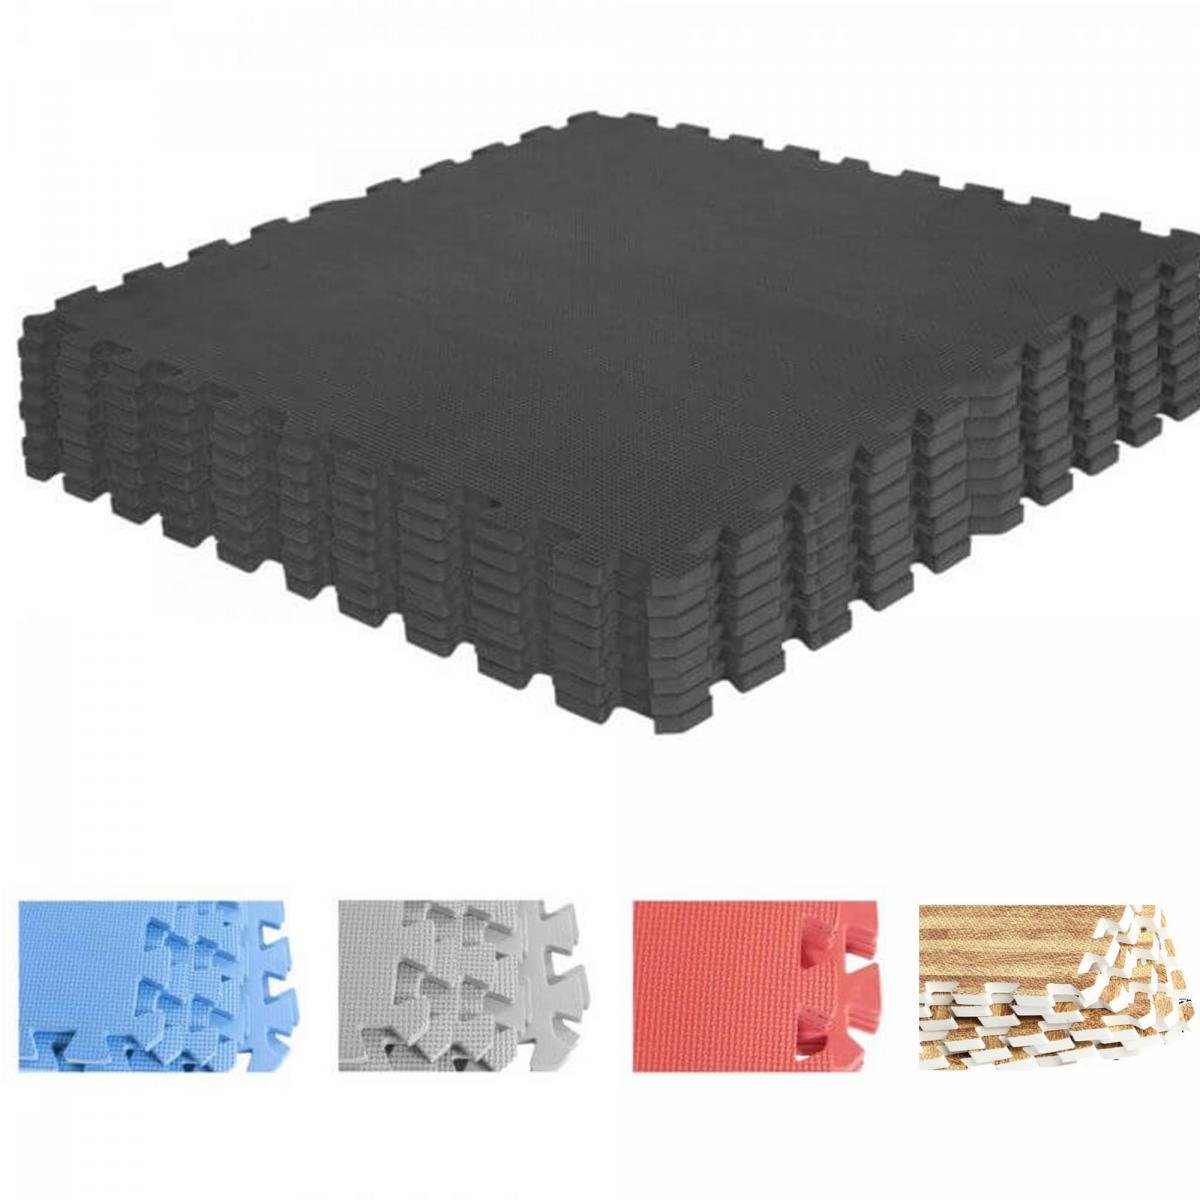 Maxxus Bodenschutzmatte für Fitnessgeräte Heimtrainer Rutschfest 2,4 x 1m x 6mm